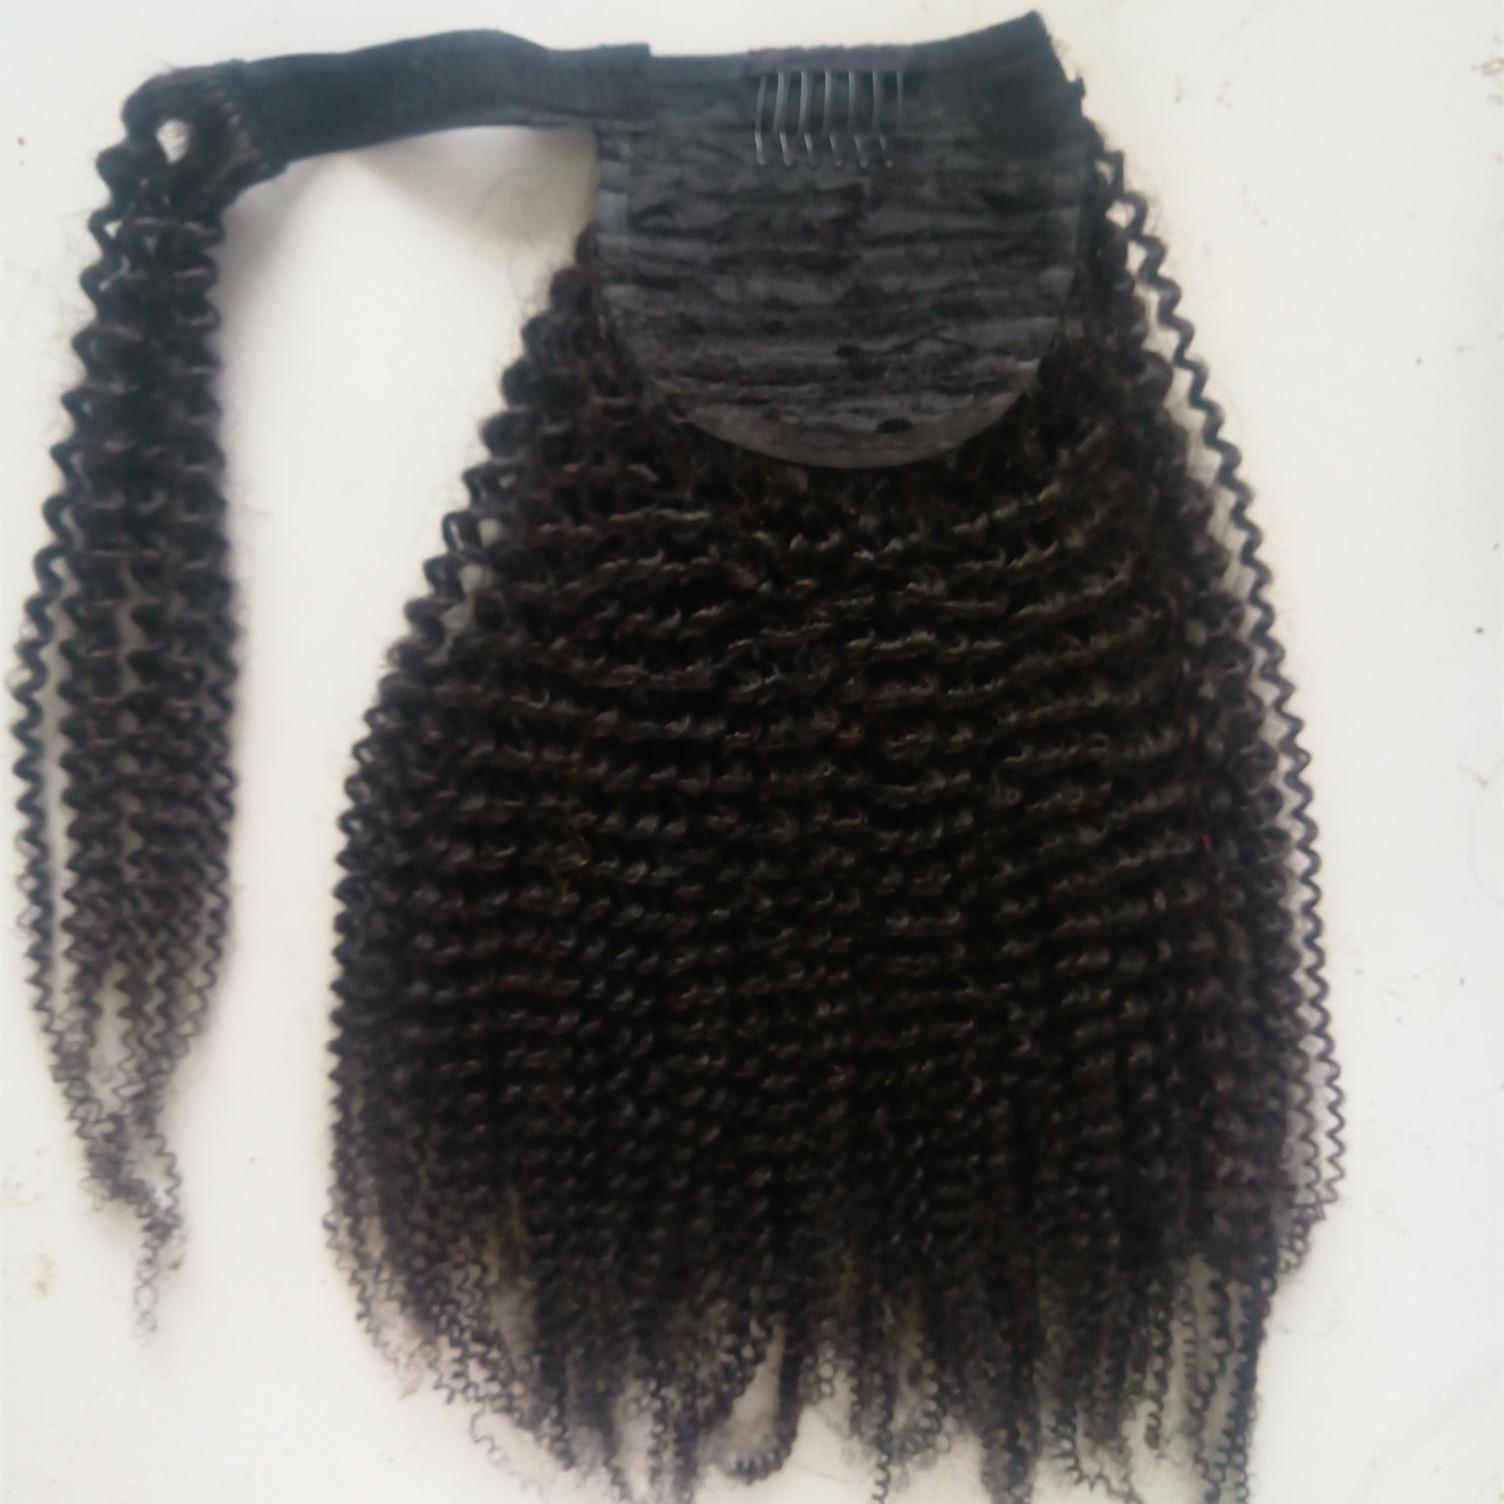 Diva 24 pollici umani Coda di cavallo di capelli con coulisse fuori dal nero AfroKinky Capelli ricci coda di cavallo avvolgere di estensione per le donne 160g per pacchetto Colore 1B